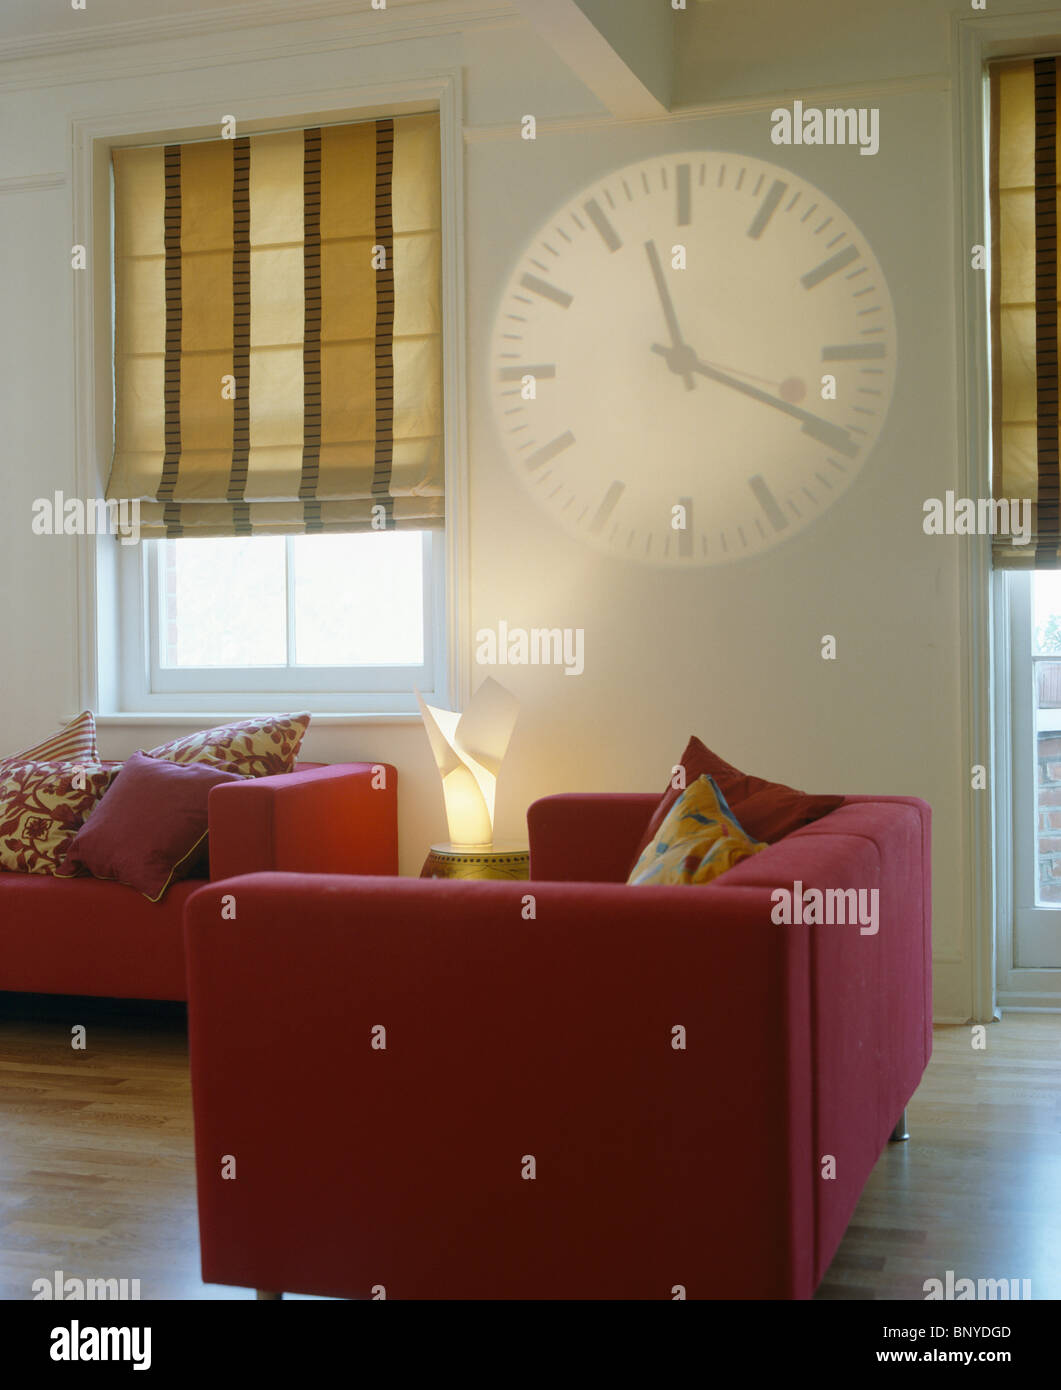 GroB Hologramm Uhr An Wand Neben Fenster Breit Gestreift Beige Jalousien Inn  Moderne Weiße Wohnzimmer Mit Roten Sofas